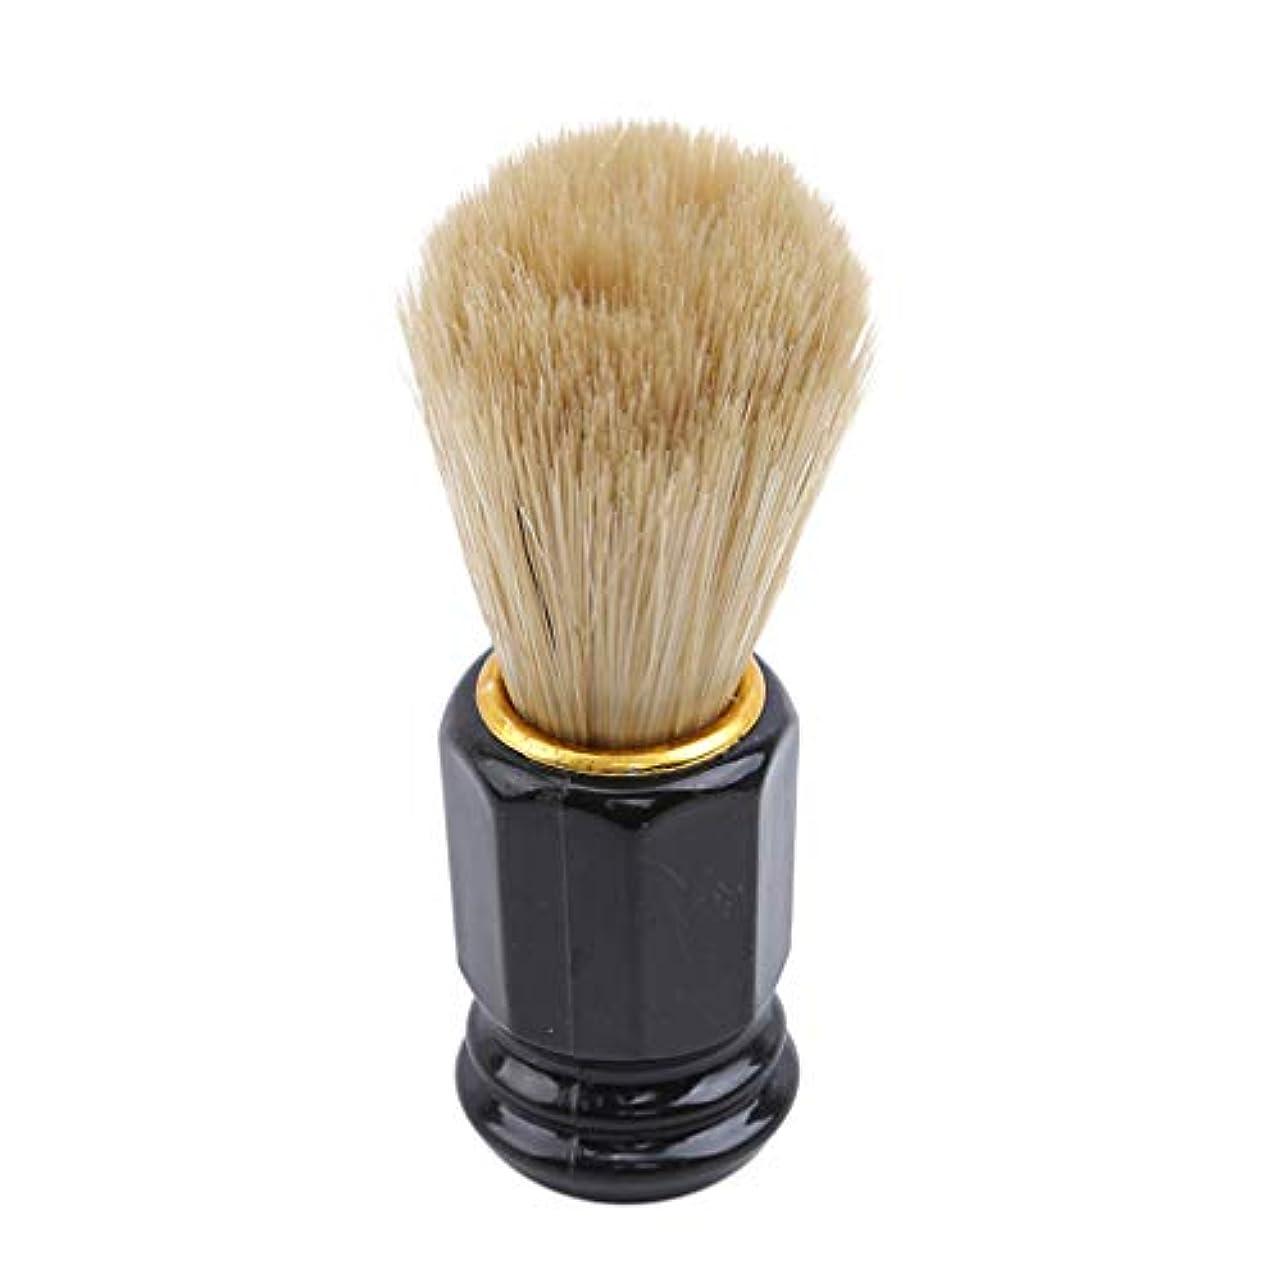 エジプト人バイバイ言う火の色 ひげブラシ シェービングブラシ 美容ツール 理容 洗顔 髭剃り 泡立ち 男性